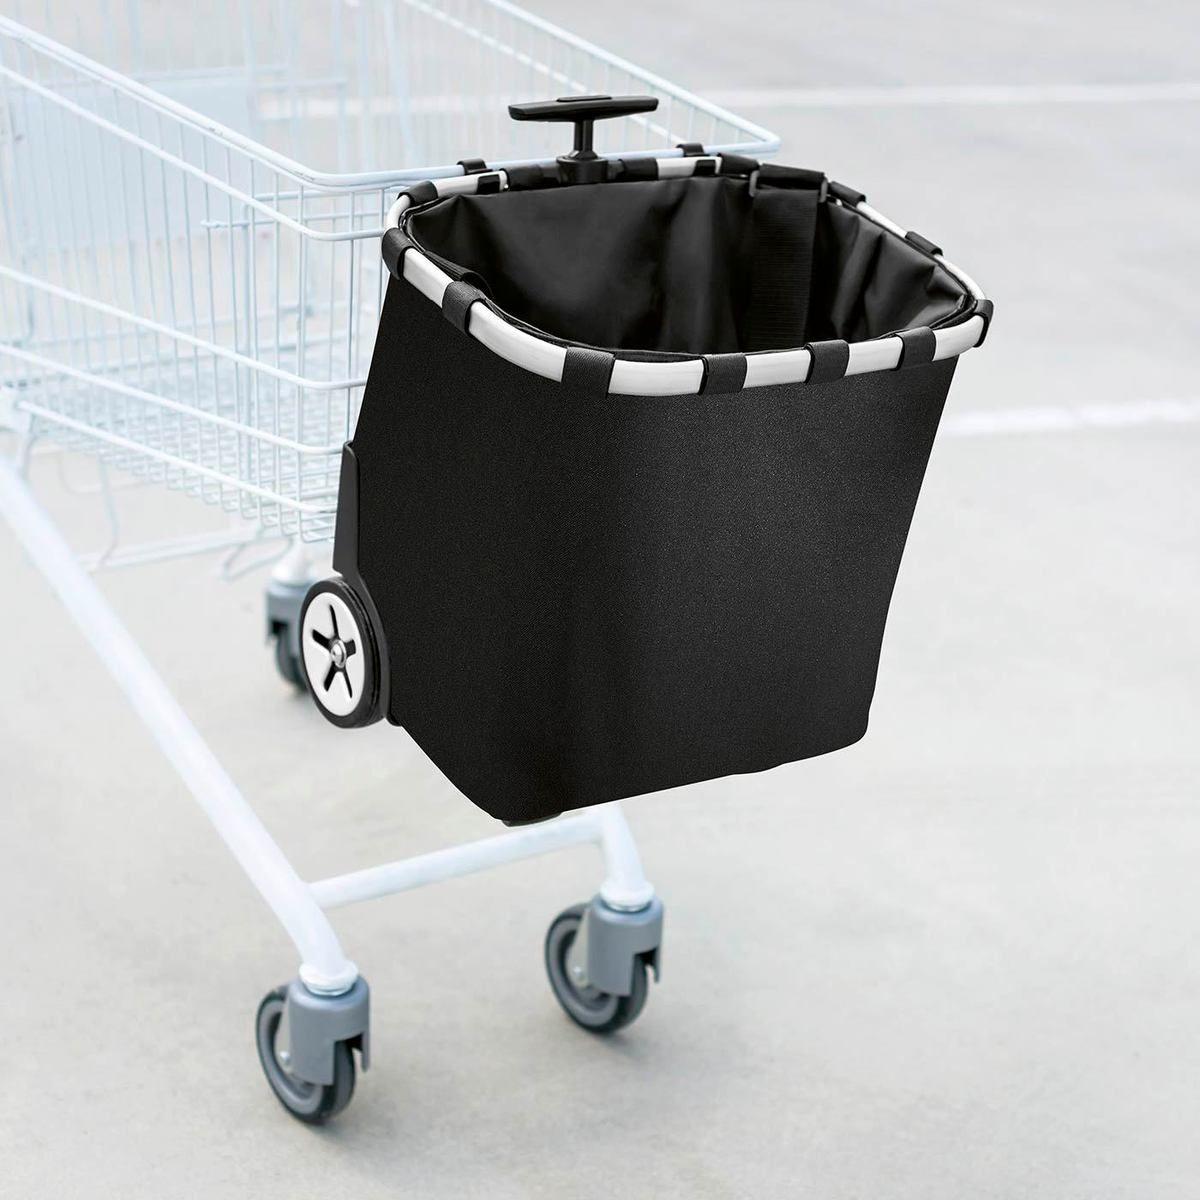 Cabas de course à roulettes fixation pour chariot et bretelle de transport noire - Reisenthel